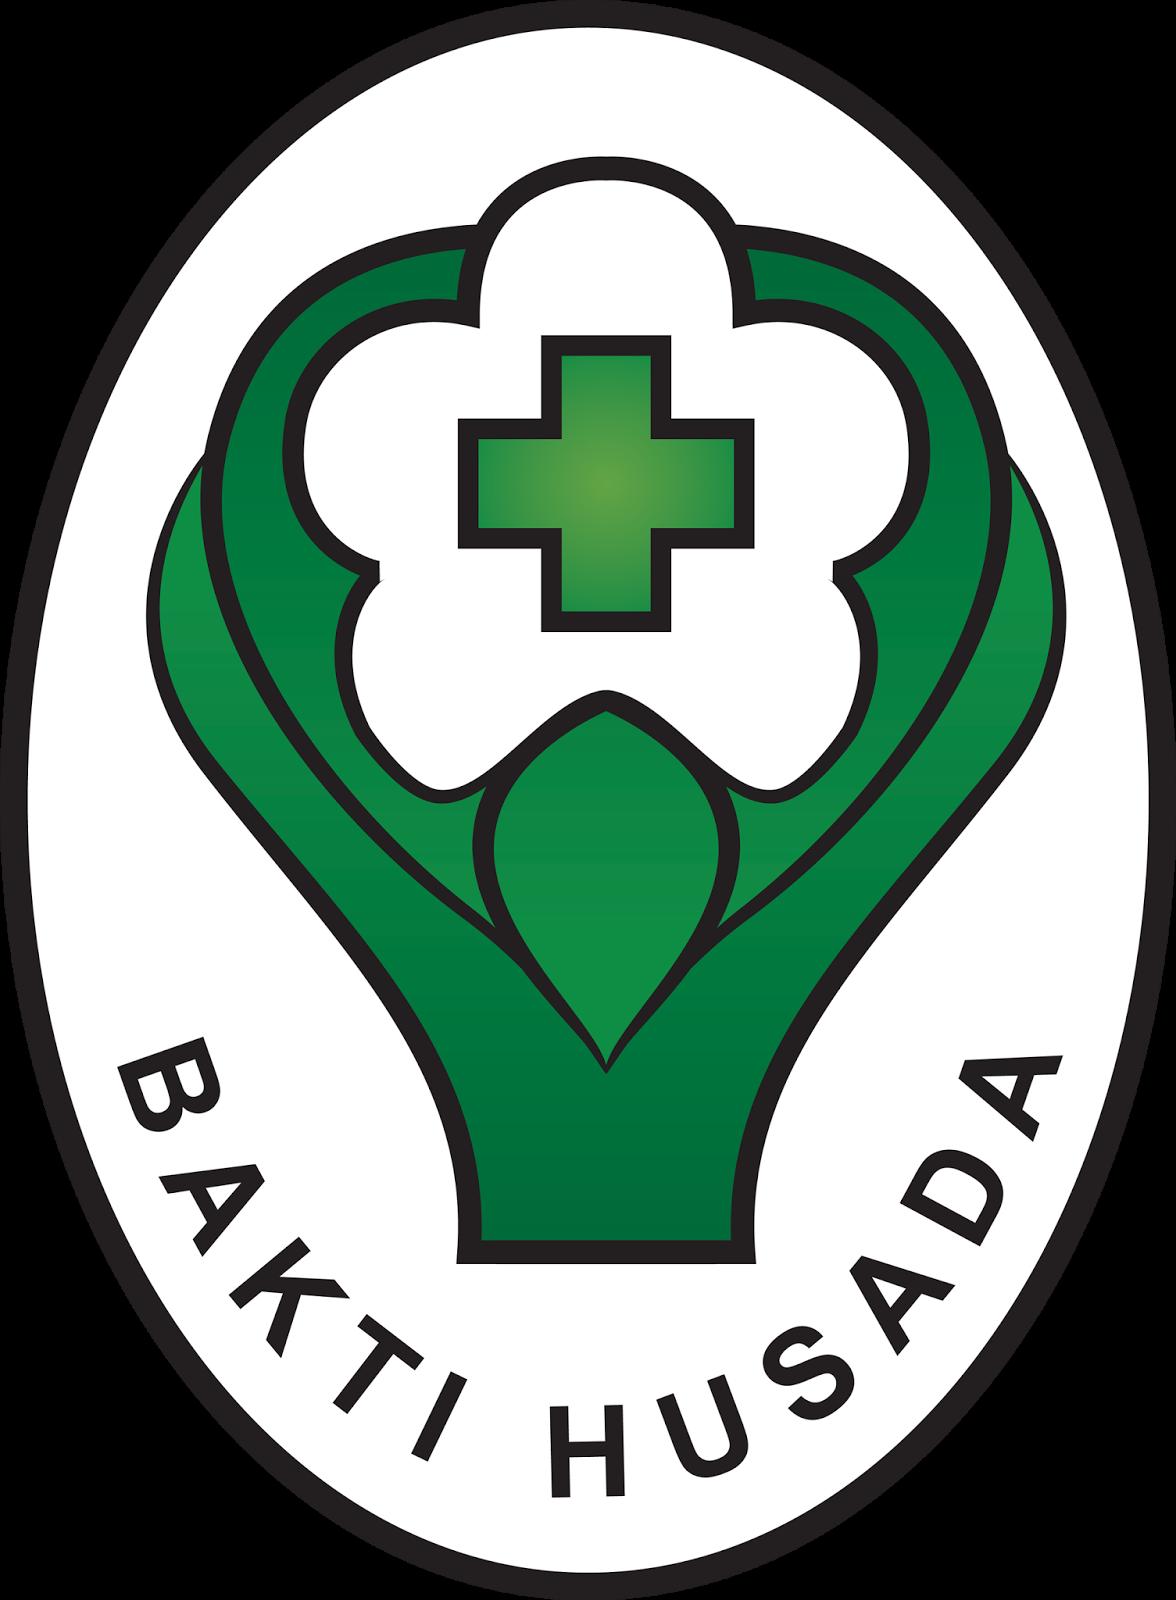 logo bakti husada lambang kesehatan untuk upaya kesehatan